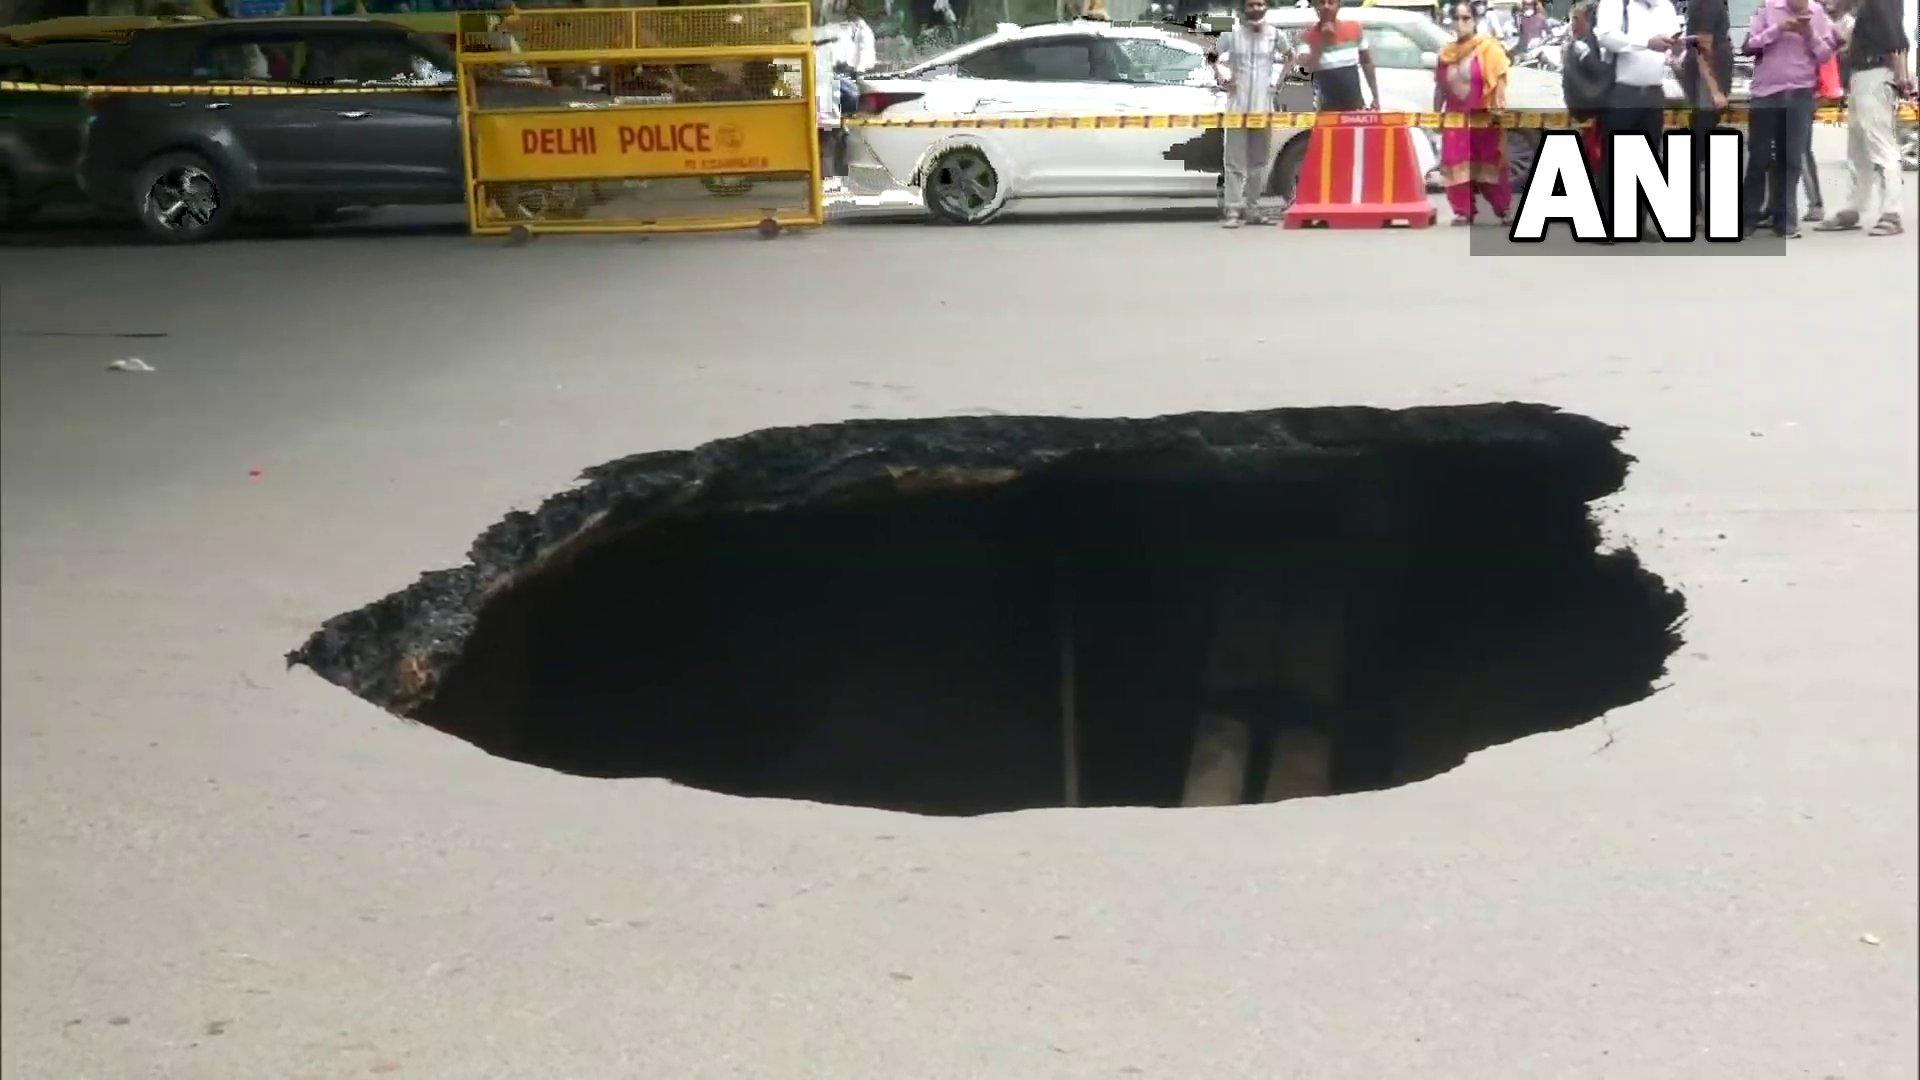 आईआईटी फ्लाईओवर के नीचे सड़क का हिस्सा धंसा, यातायात प्रभावित